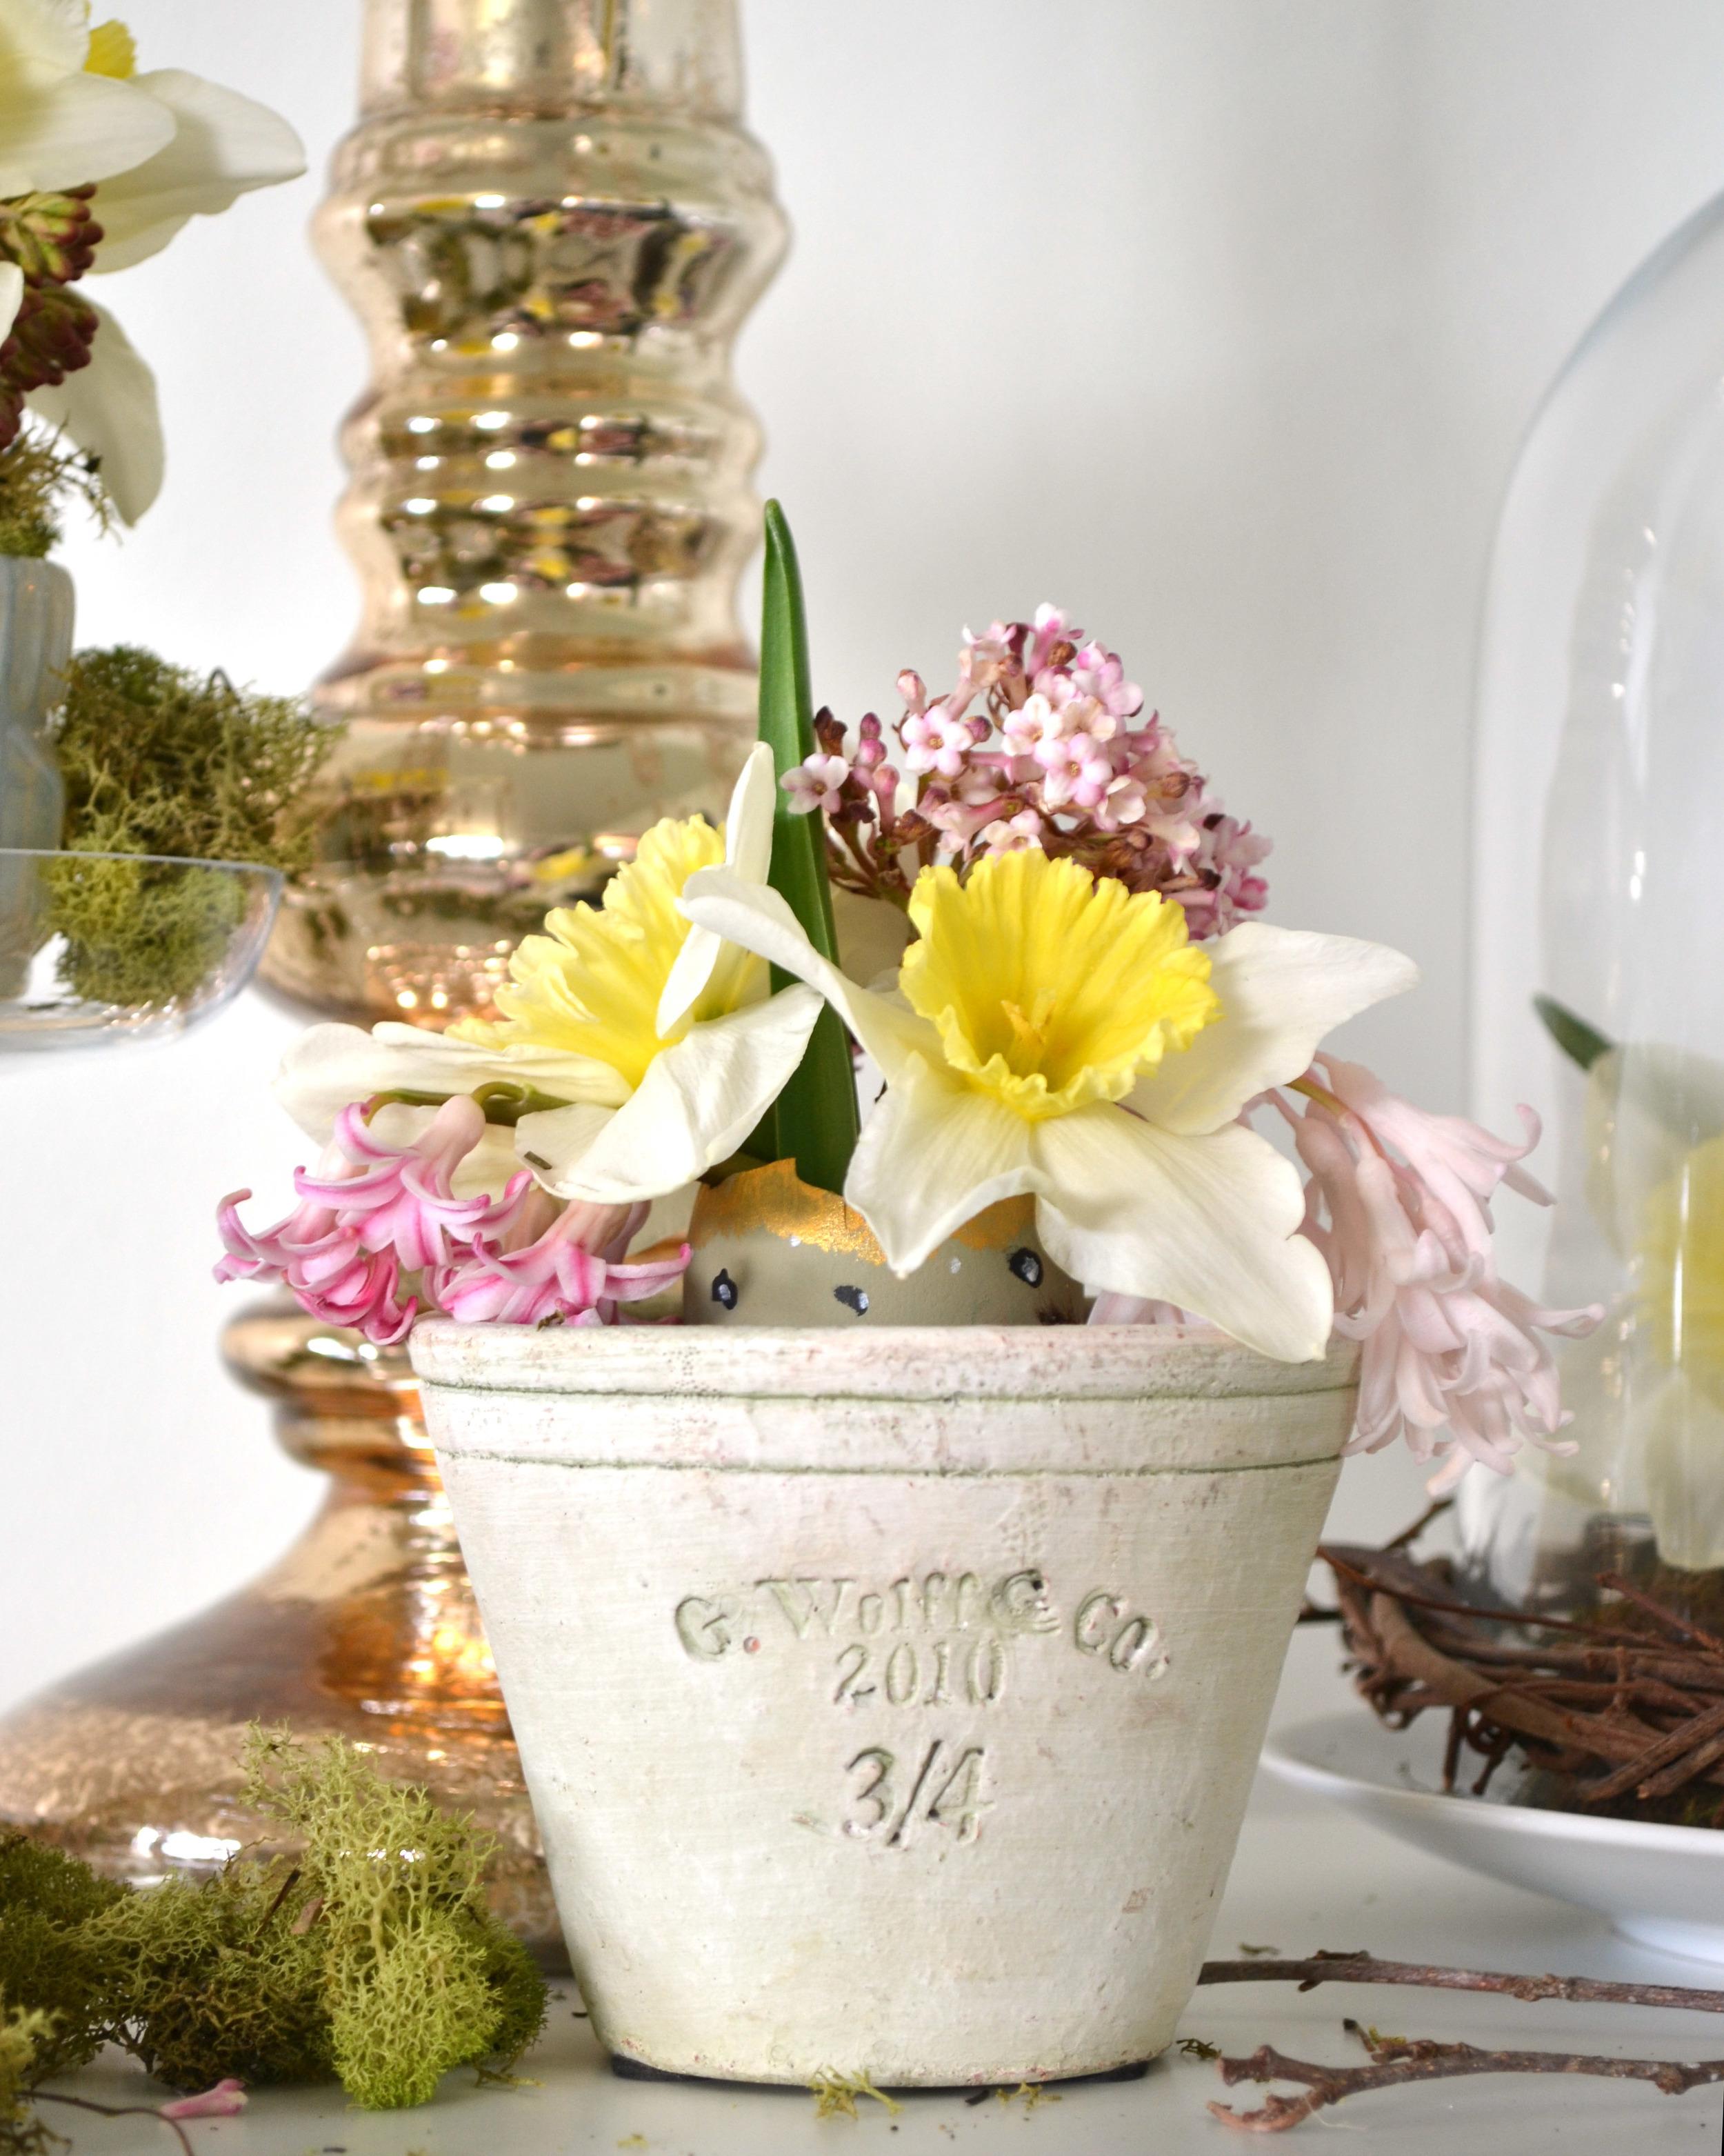 DIY Painted Eggshell Vase | Boxwood Avenue